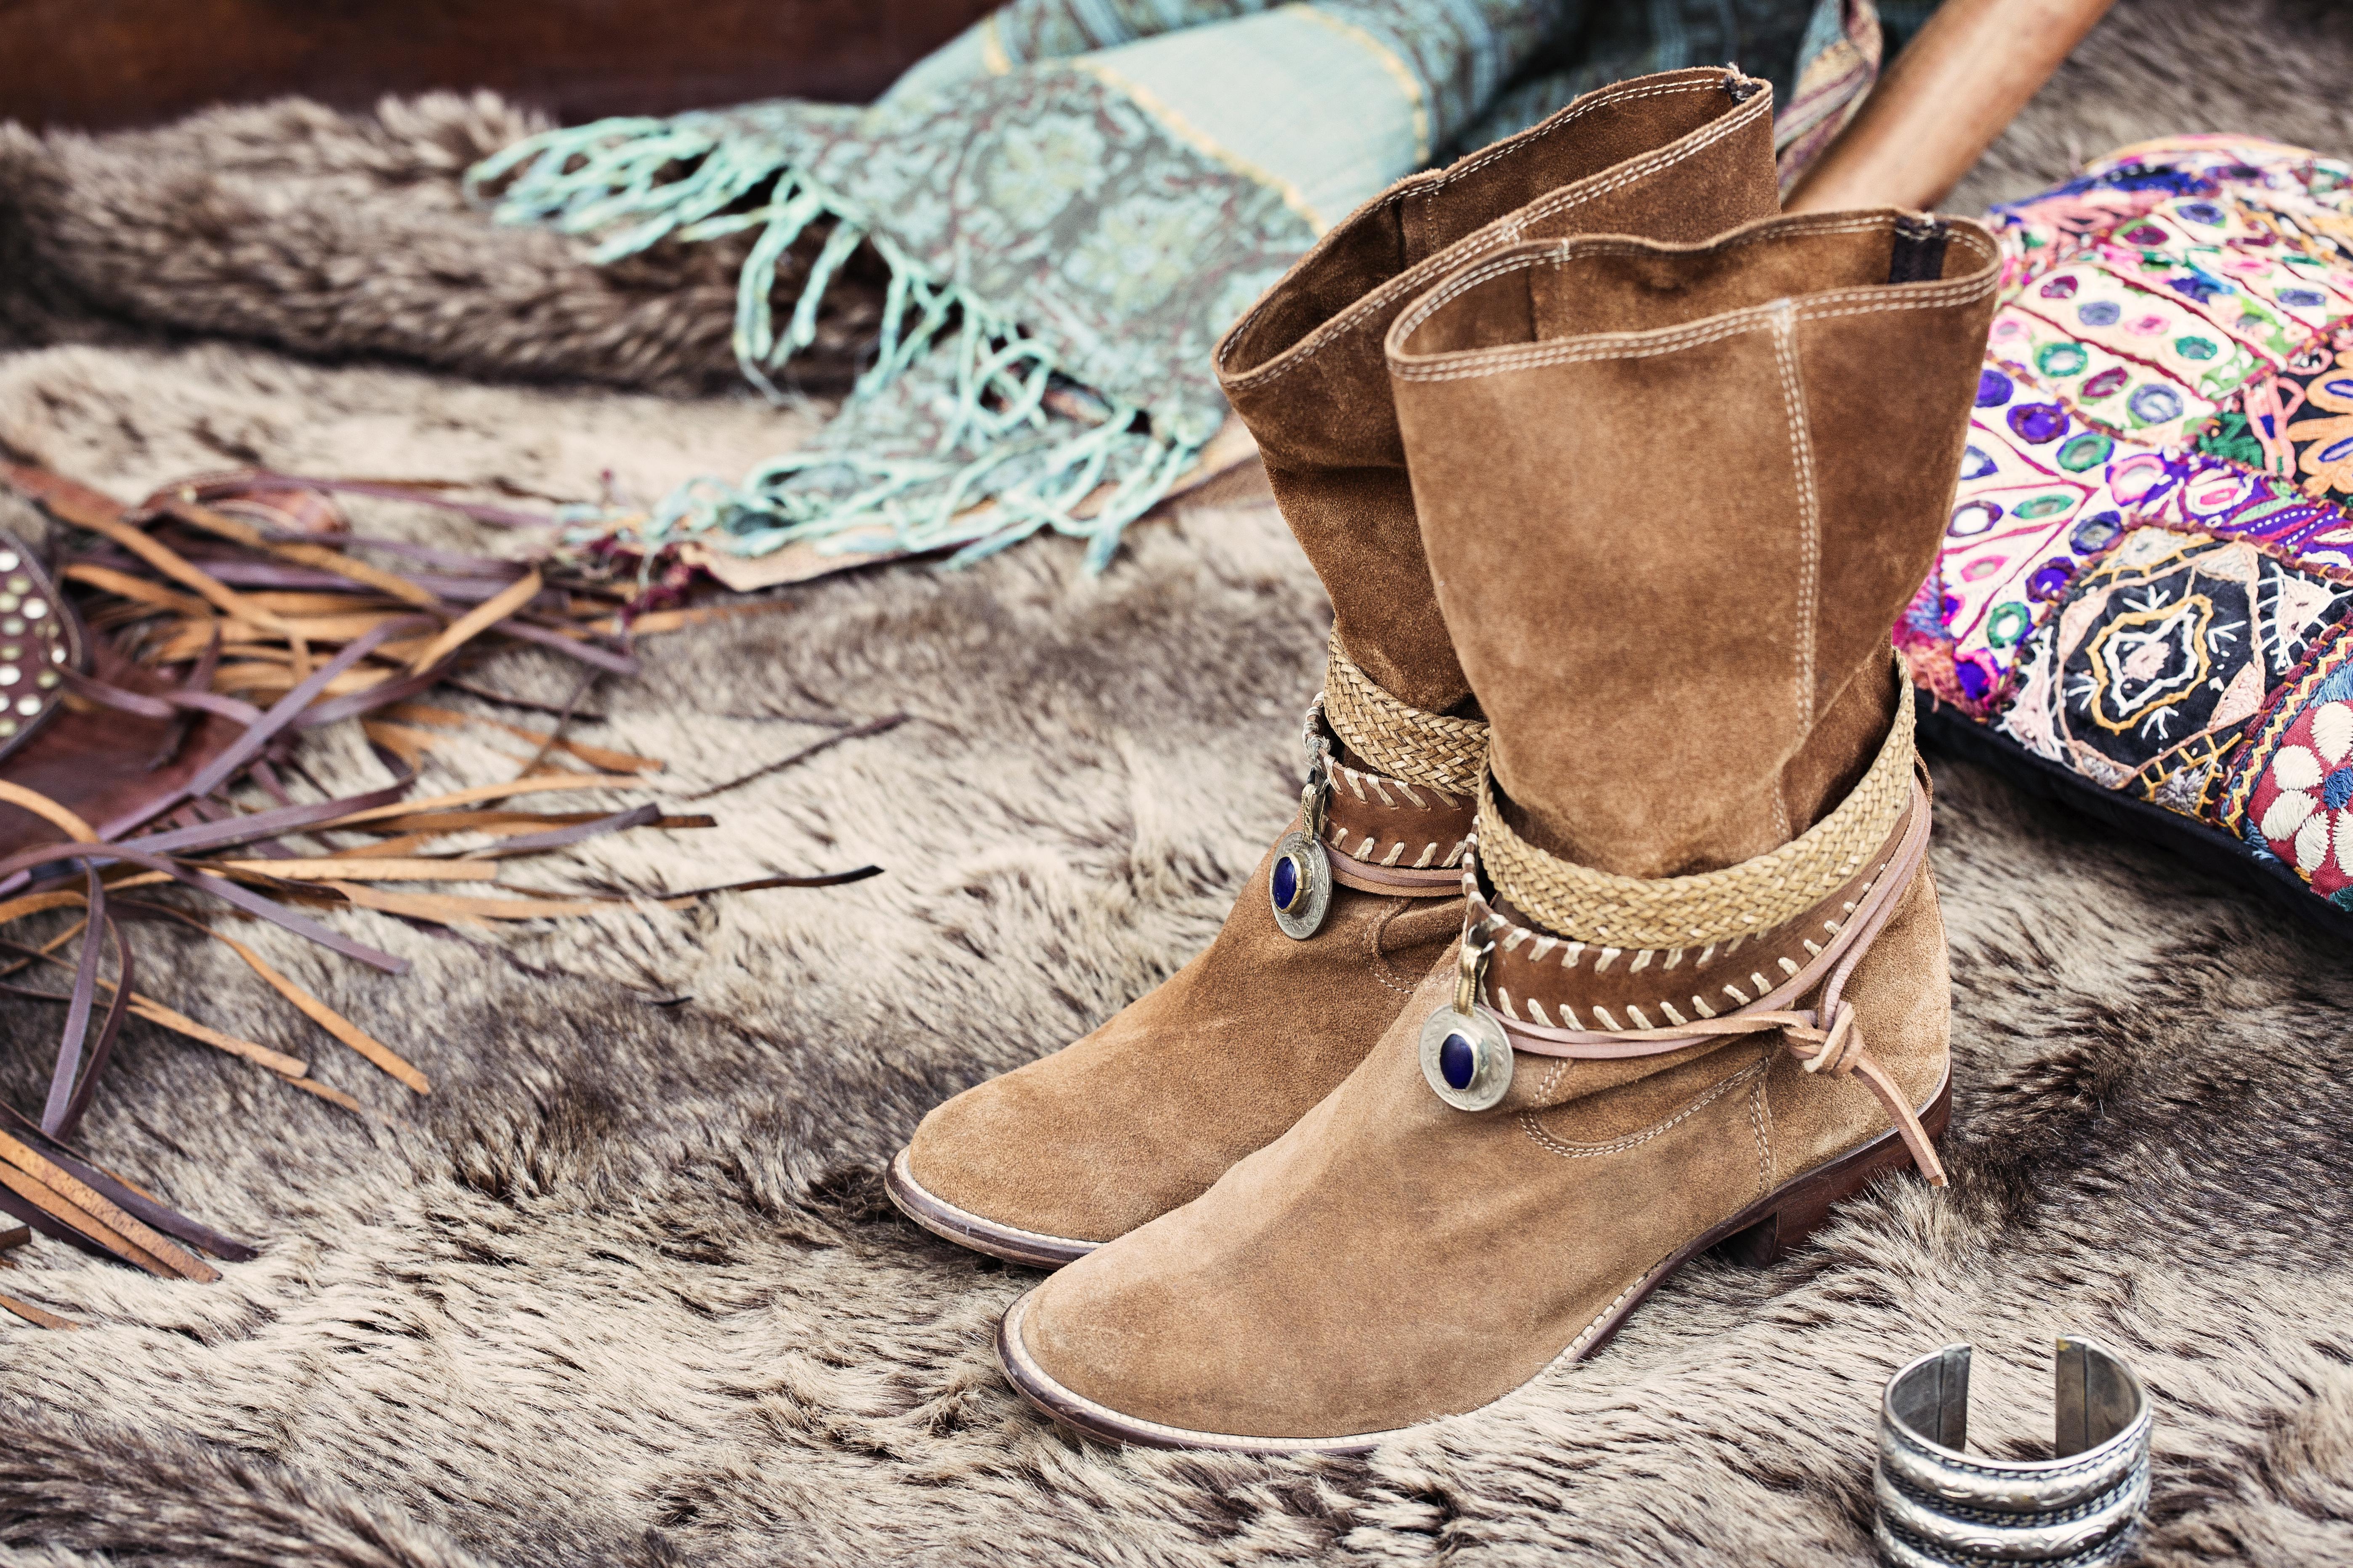 botas boho chic